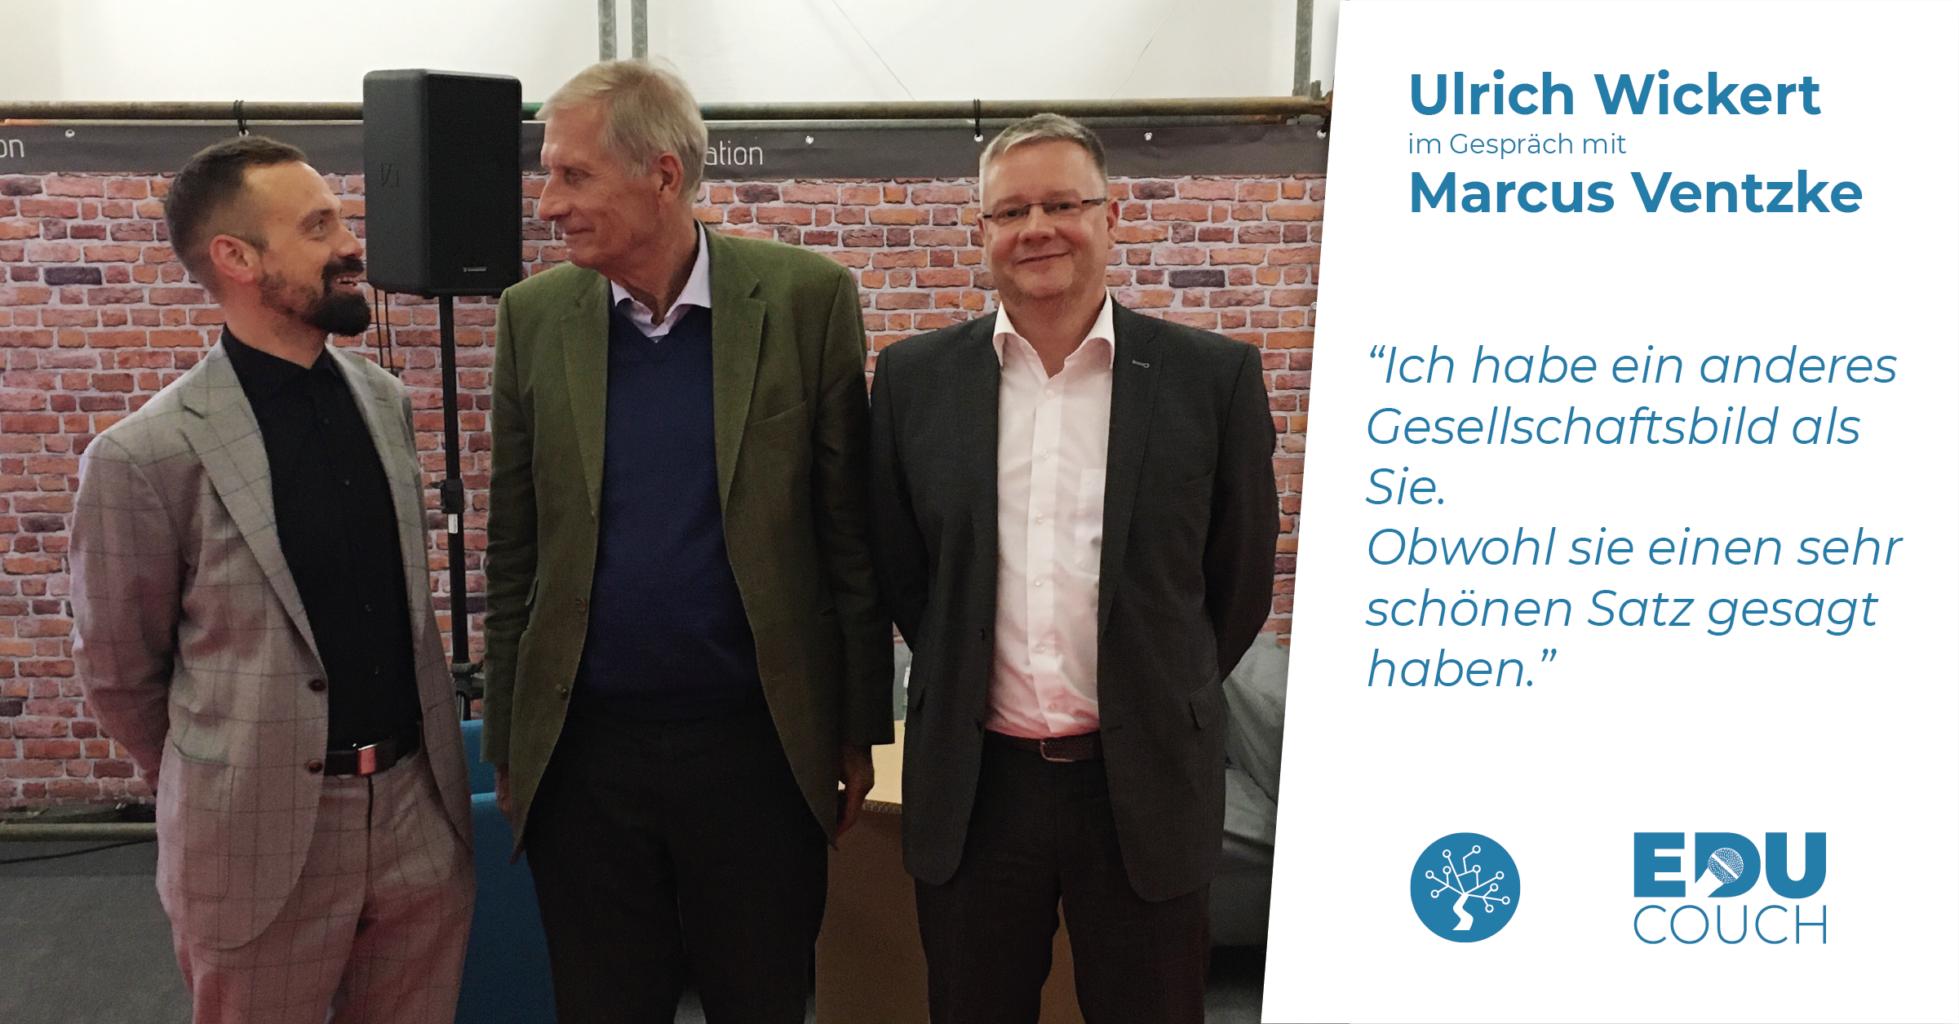 Ulrich Wickert im Gespräch mit Marcus Ventzke bei der EduCouch